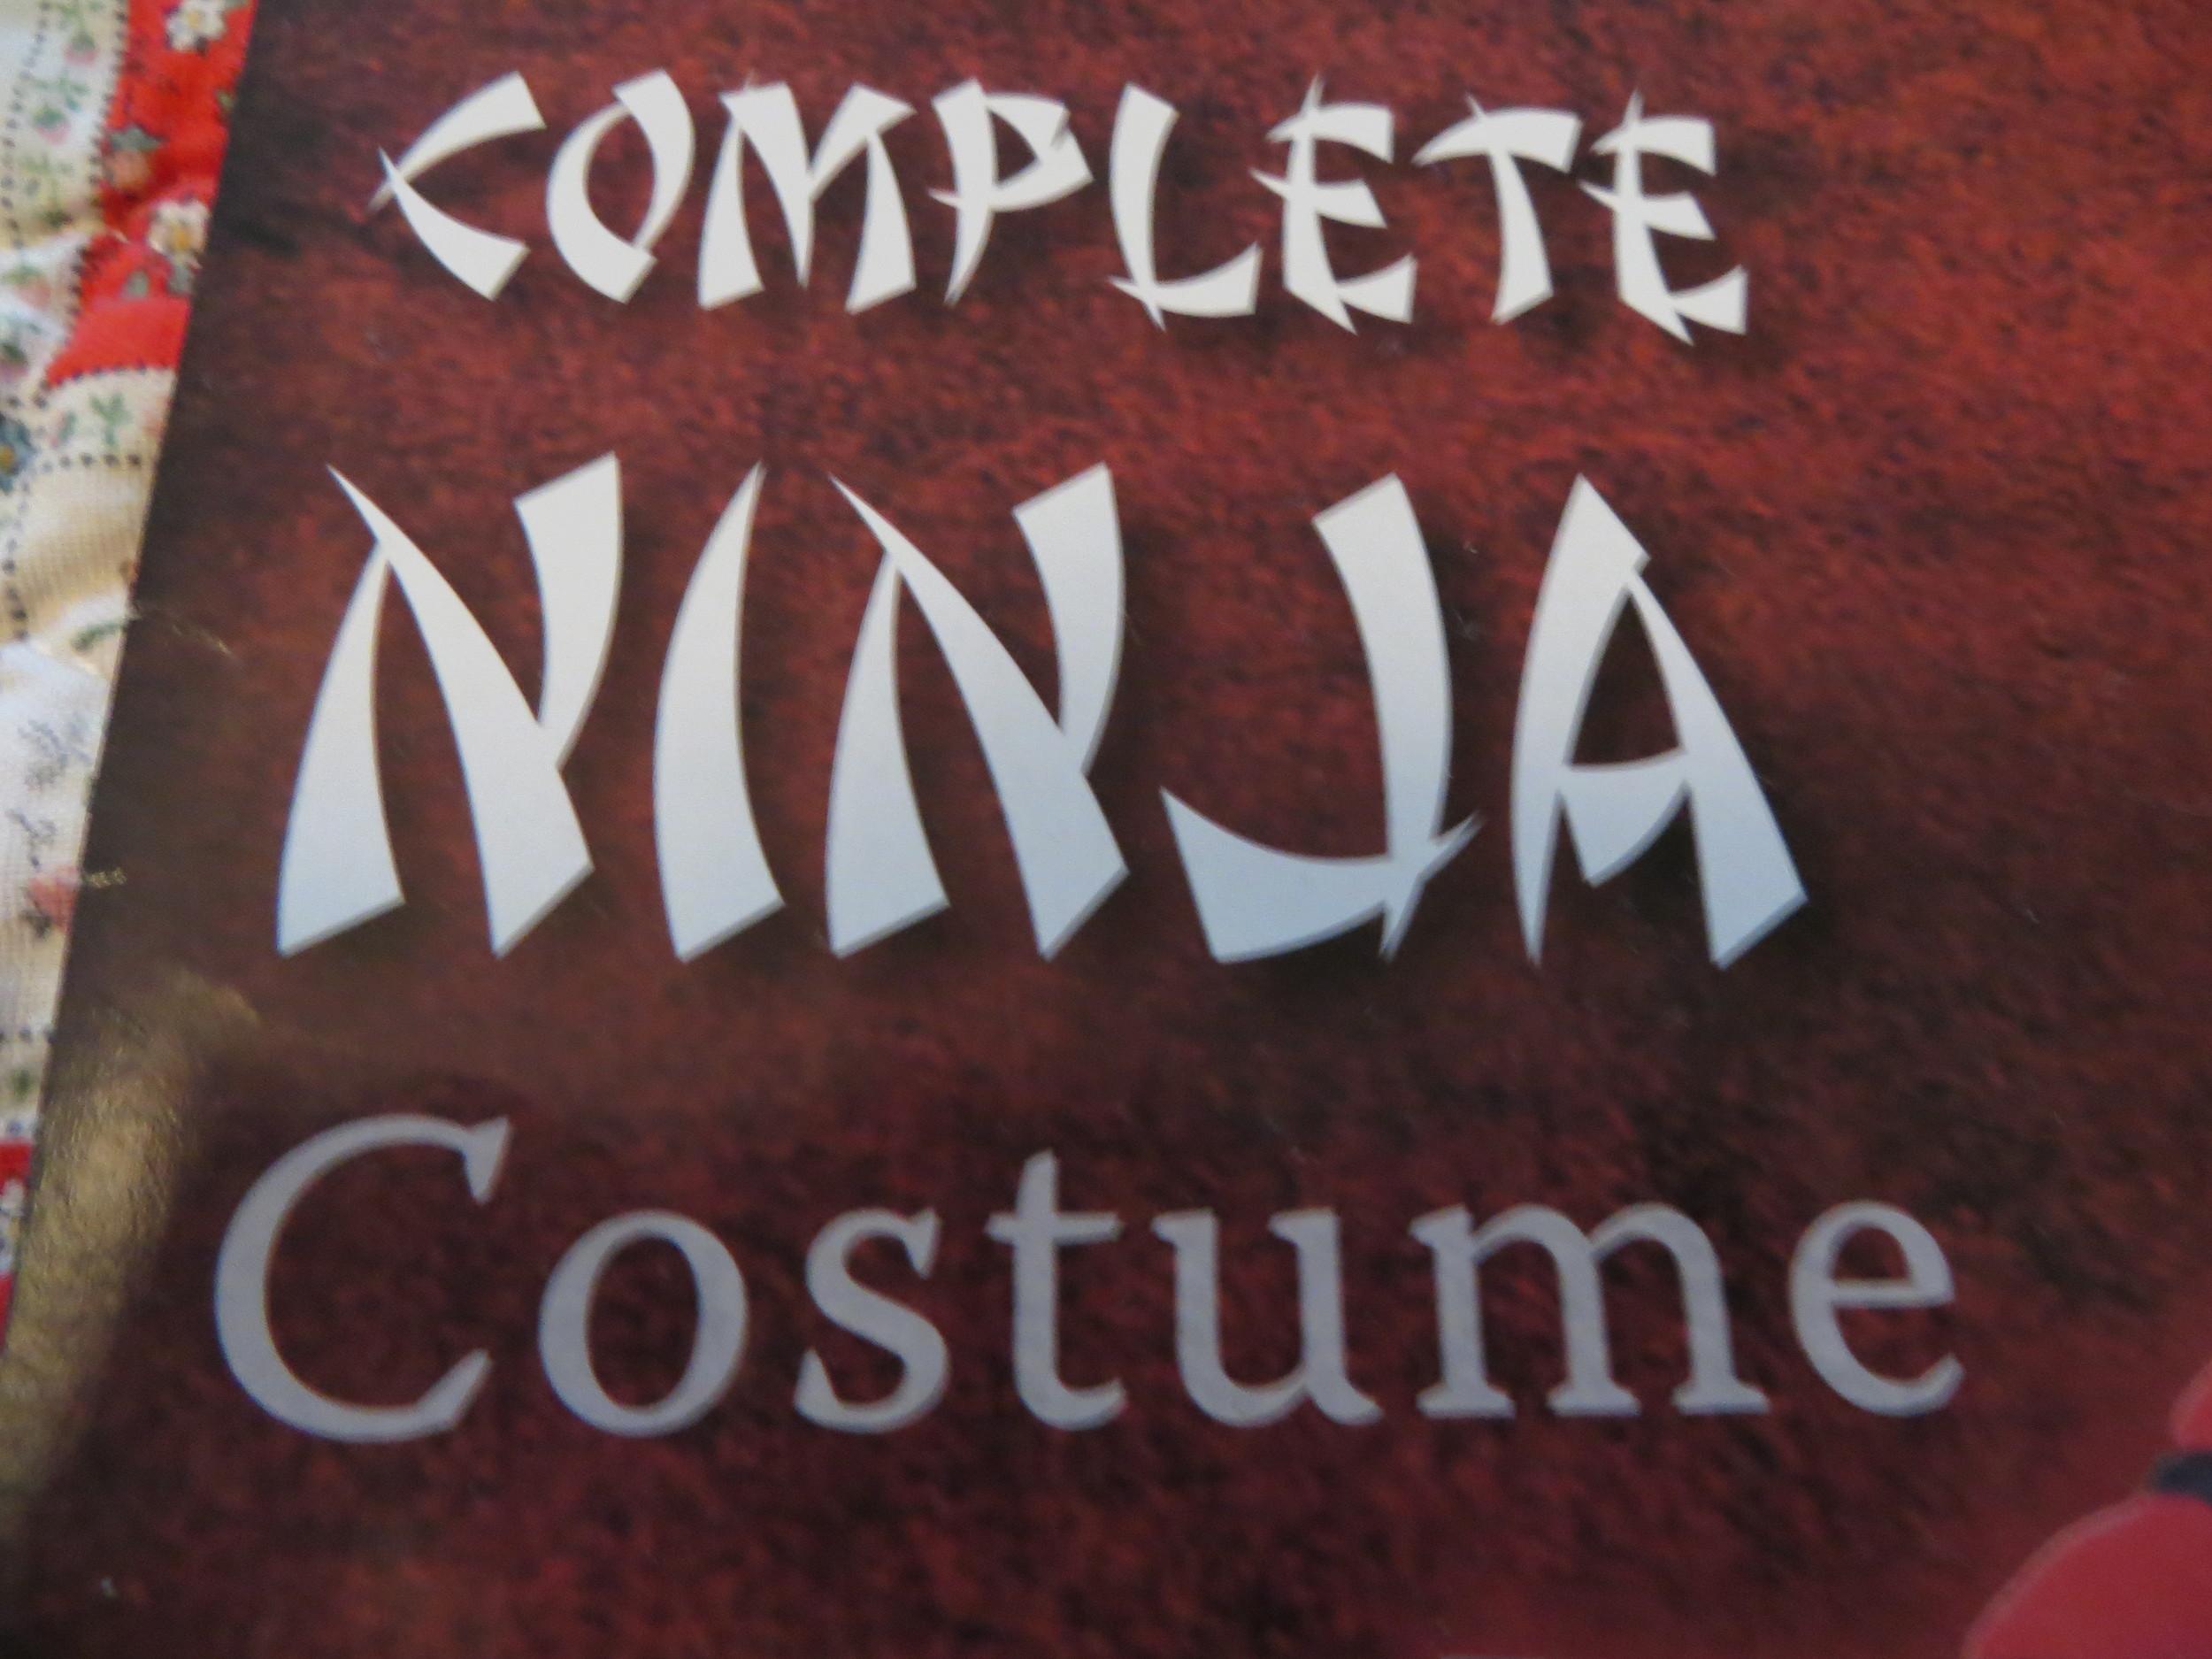 ninja_costume2